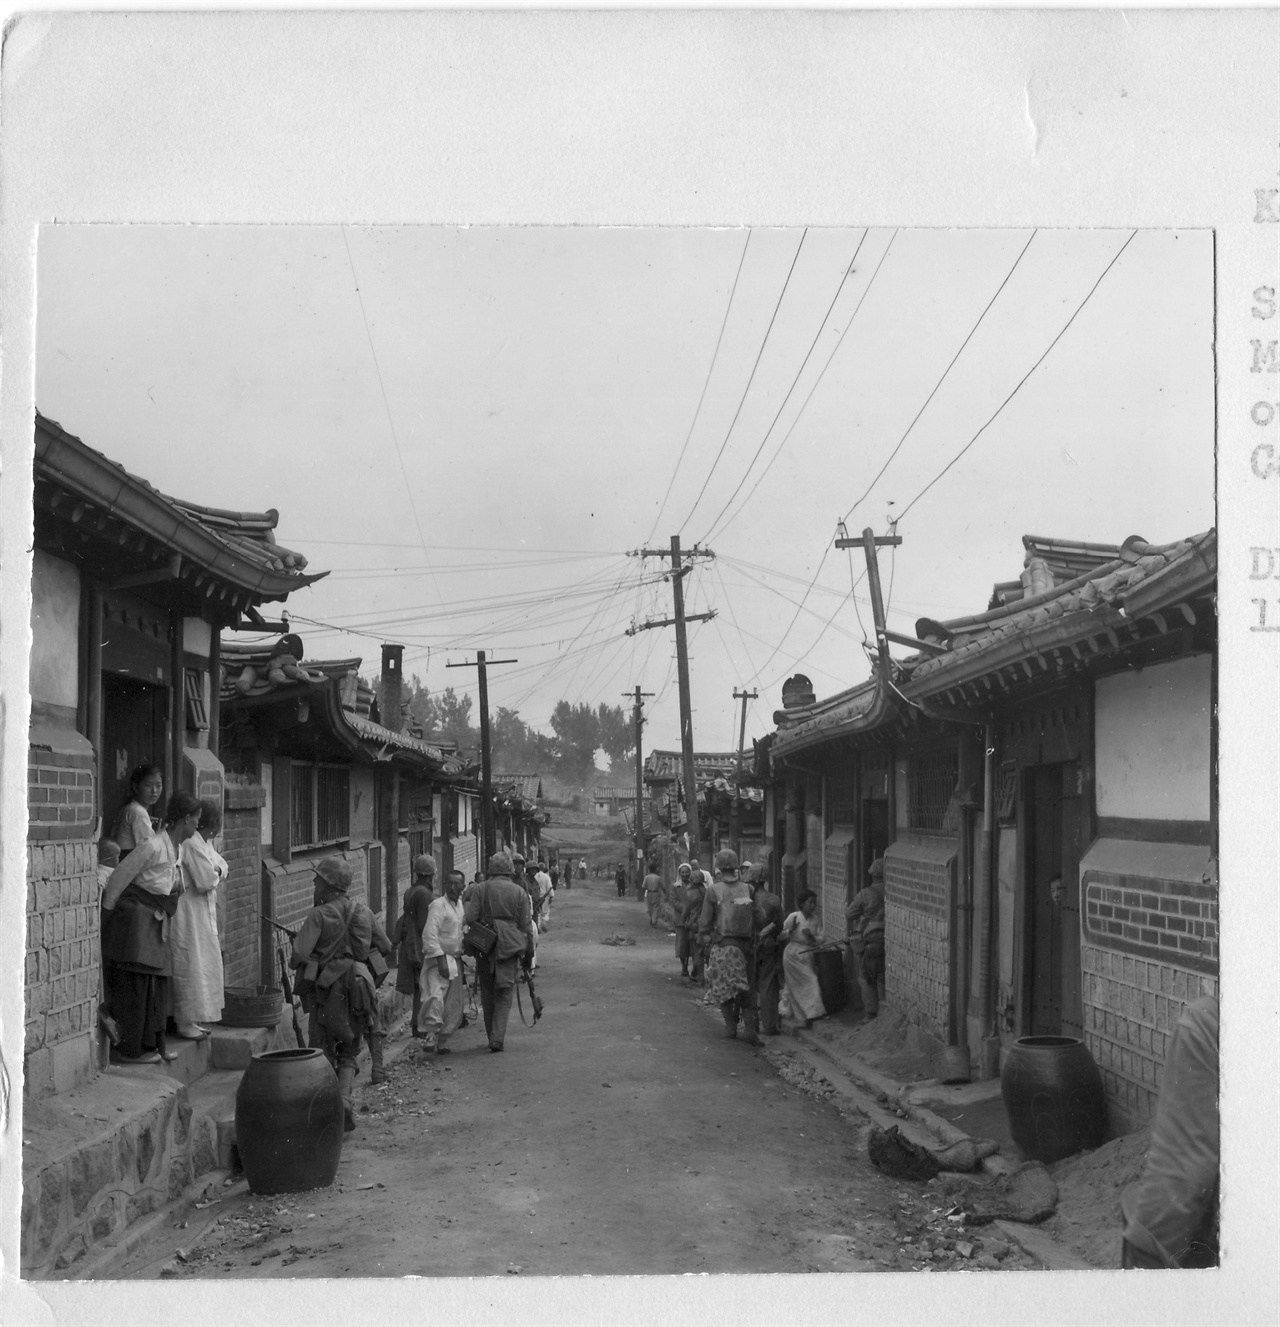 1950. 9. 서울, 유엔군들이 종로 한옥마을에서 인민군 잔당을 쫓고 있다.